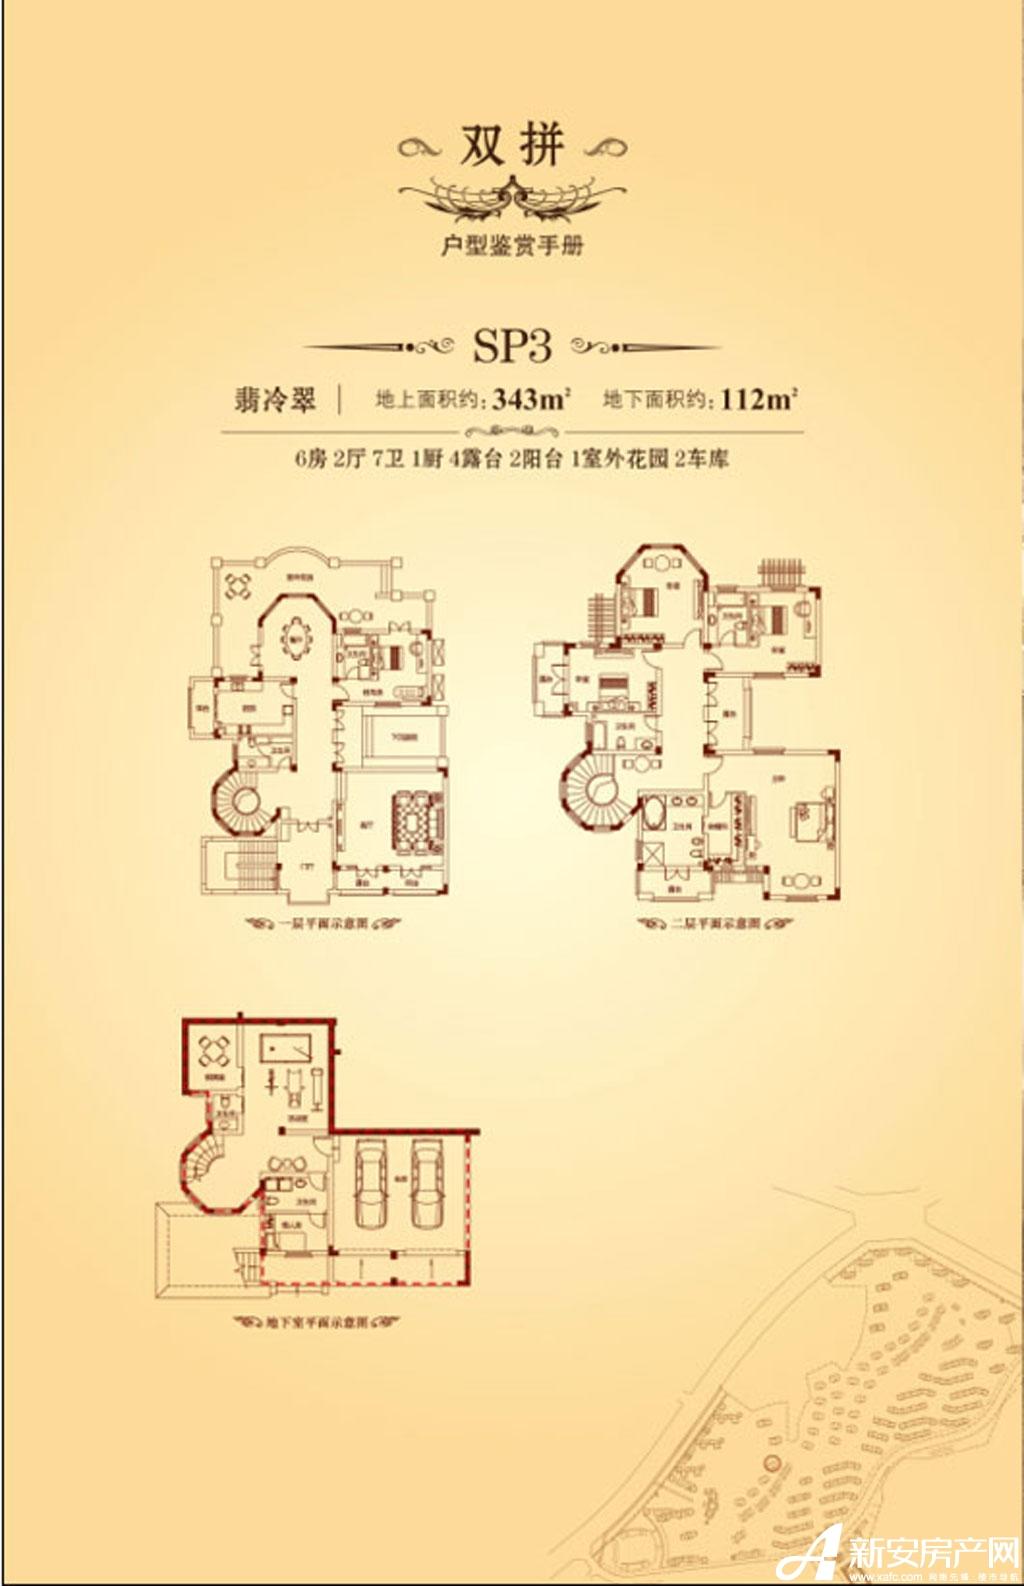 高速铜都天地SP3户型6室2厅455平米